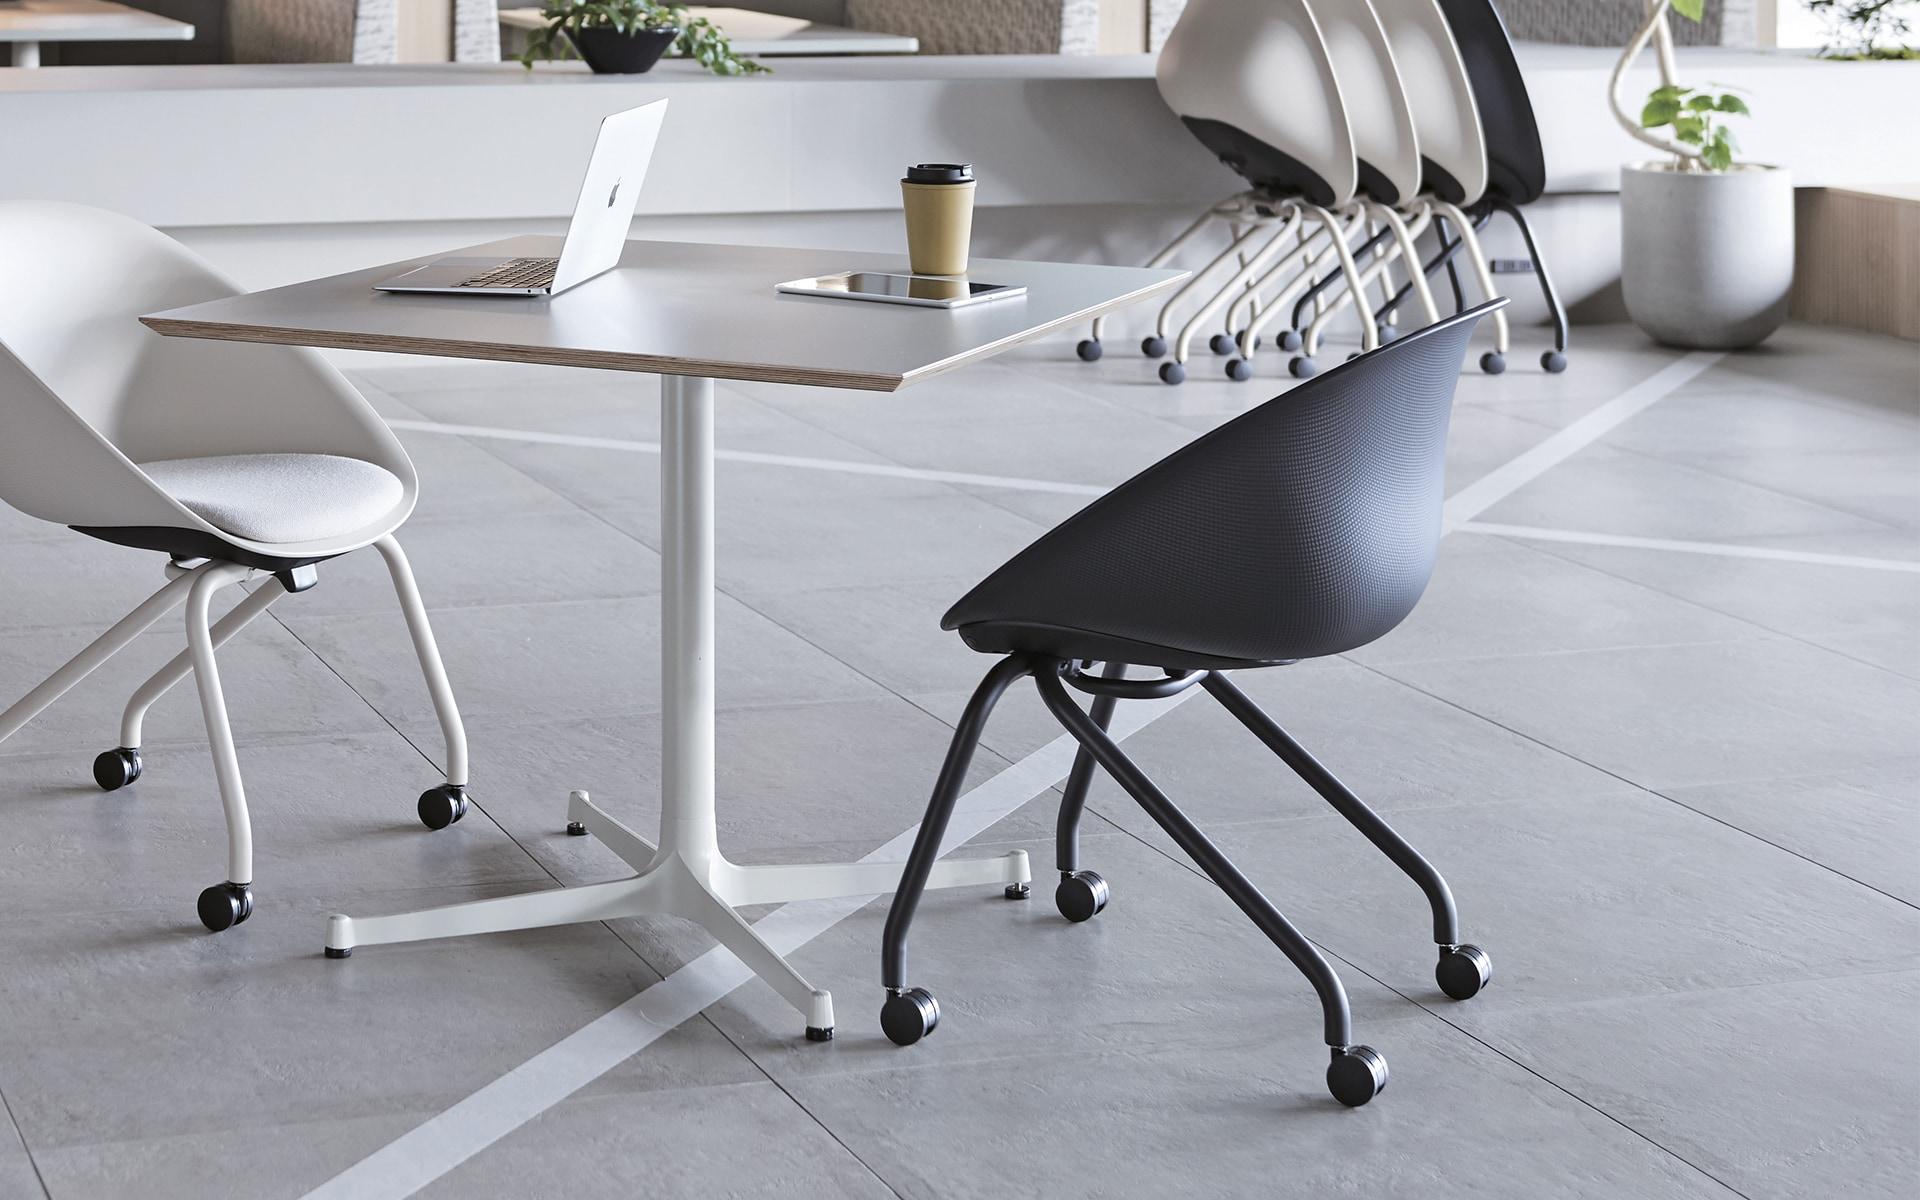 Mehrere ITOKI Wan Schalenstühle von ITO Design in schwarz und weiß in modernem Co-Working Space